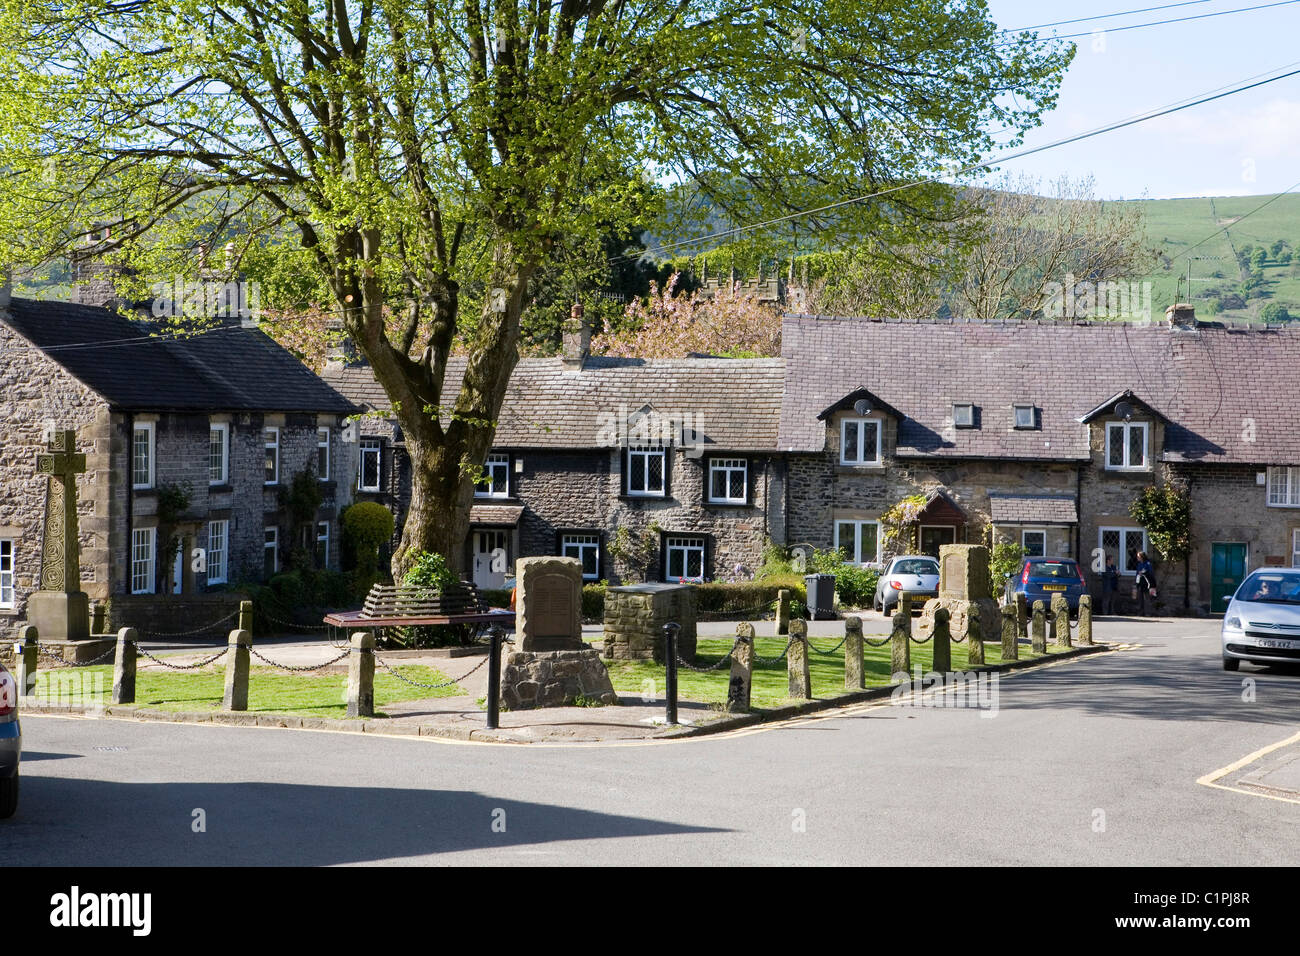 Inglaterra, Derbyshire, Castleton, casas con vistas a la plaza del mercado en el pueblo Imagen De Stock